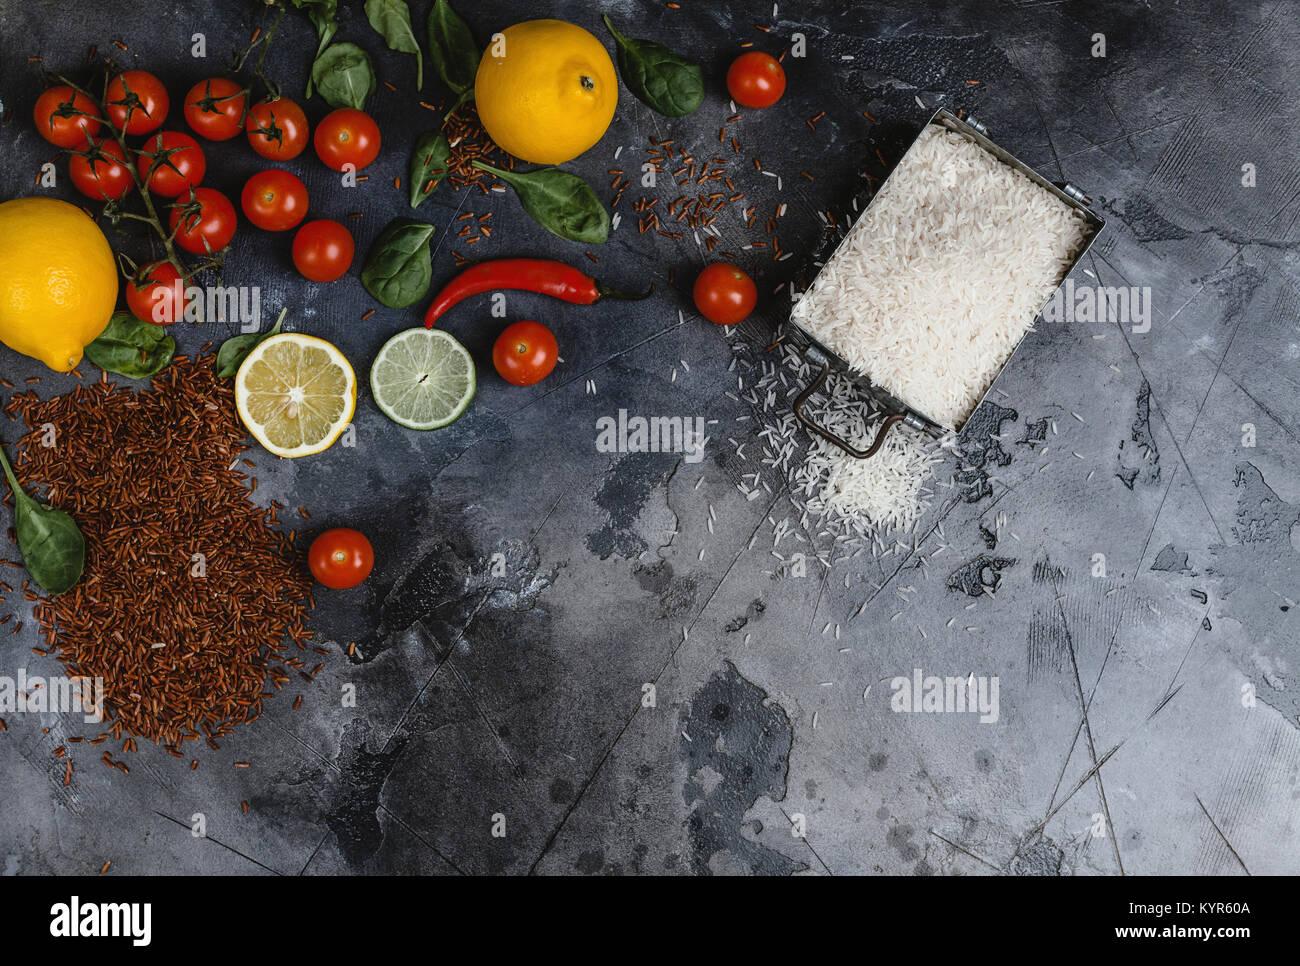 Blick von oben auf die rohen Reis im Container, Gewürze und Gemüse auf Zerkratzt graue Oberfläche Stockbild